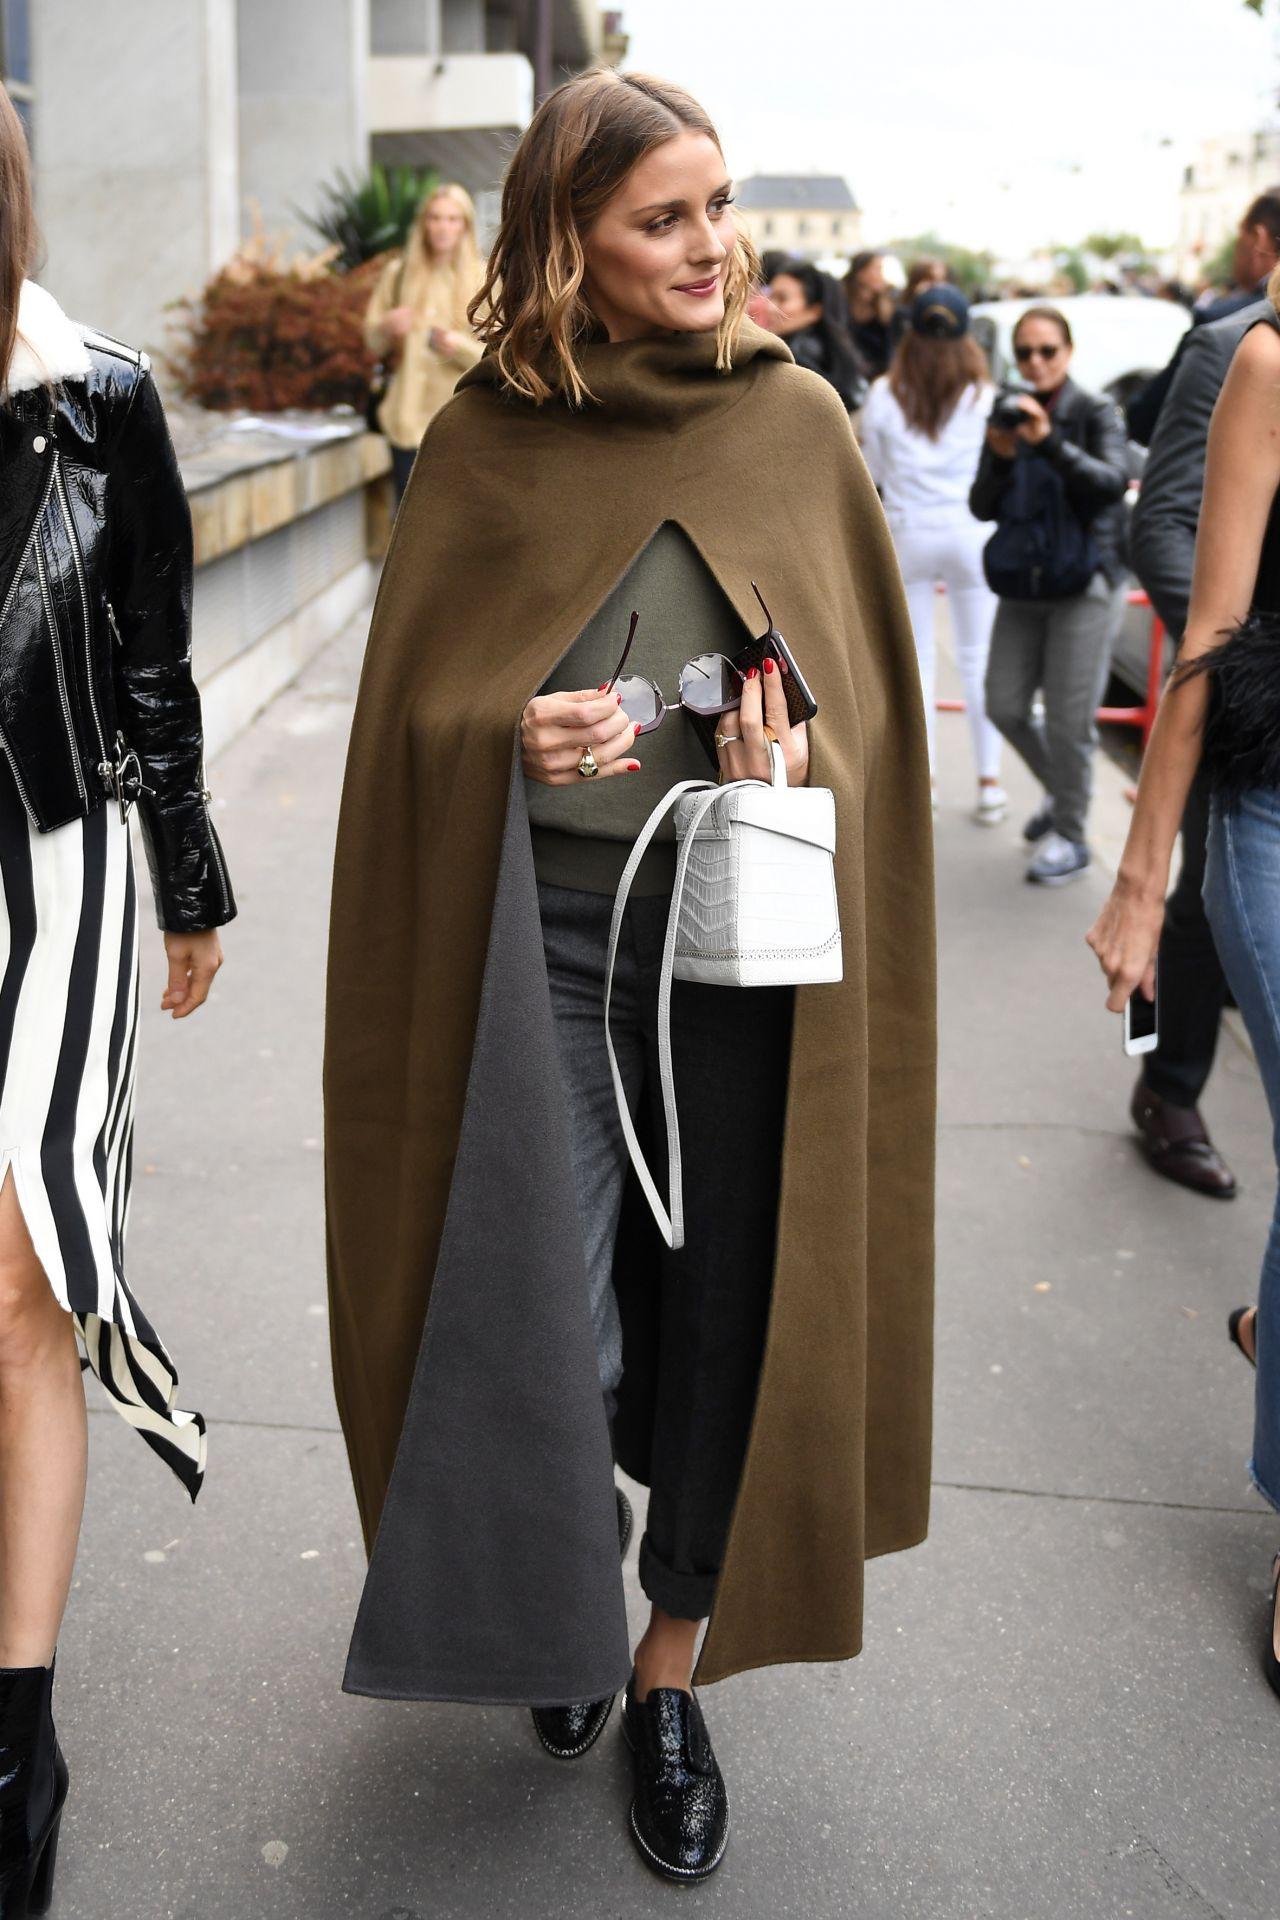 Olivia Palermo Style Leaving Giambattista Valli Fashion Show In Paris 10 02 2017